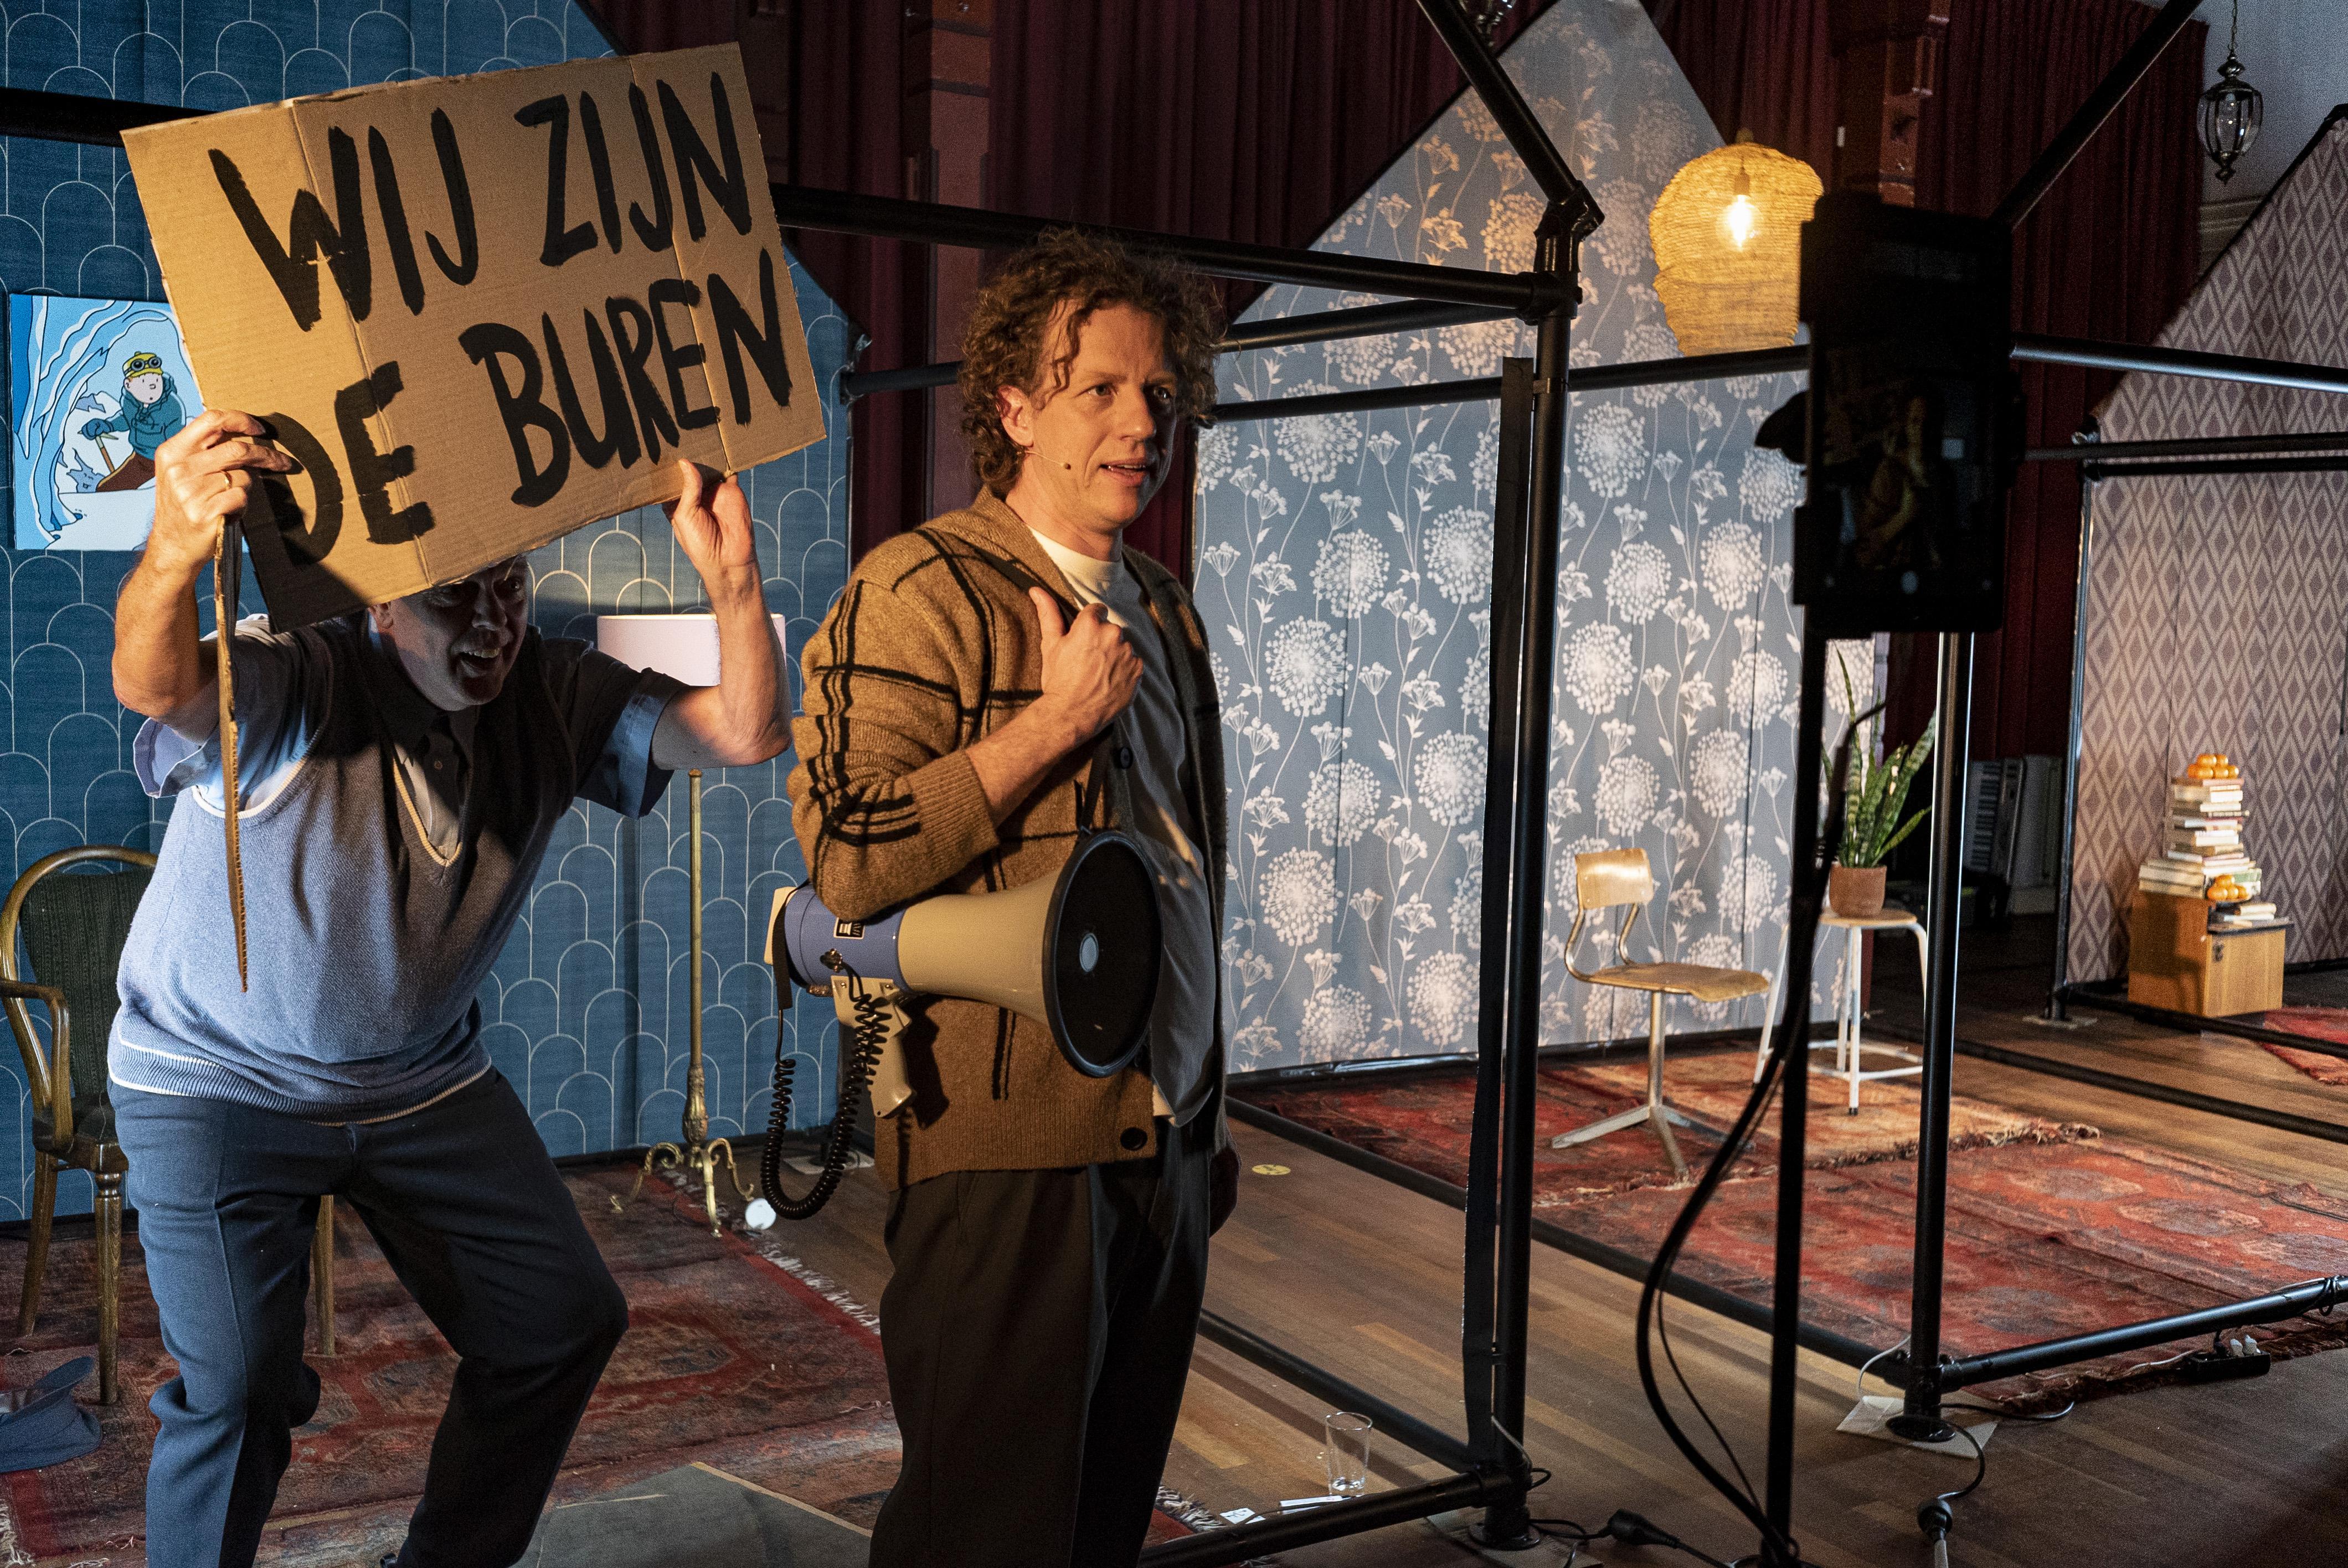 Toch nog wat cultuur op de agenda: extra voorstelling PS|theater en Leidse band The Stream vanuit Trianon